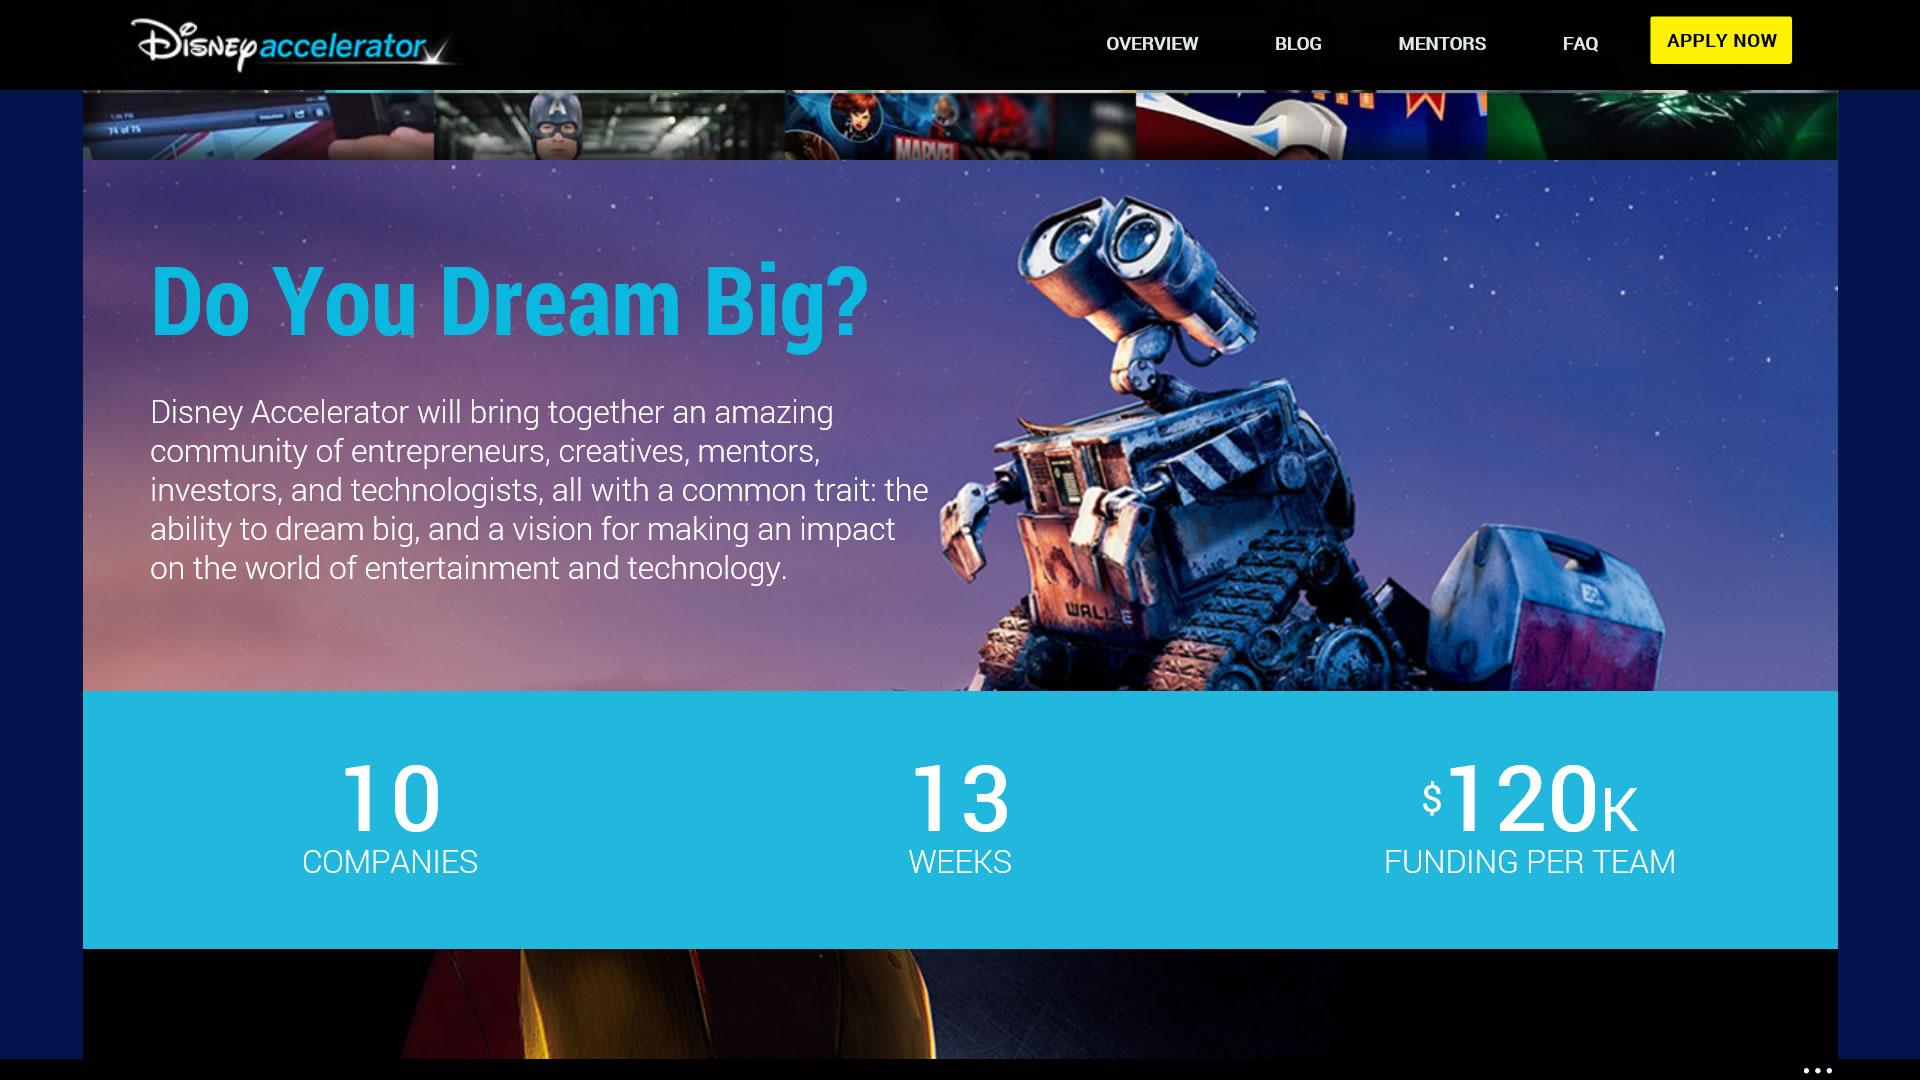 米ディズニーがアクセラレーションプログラム開始 【@maskin】